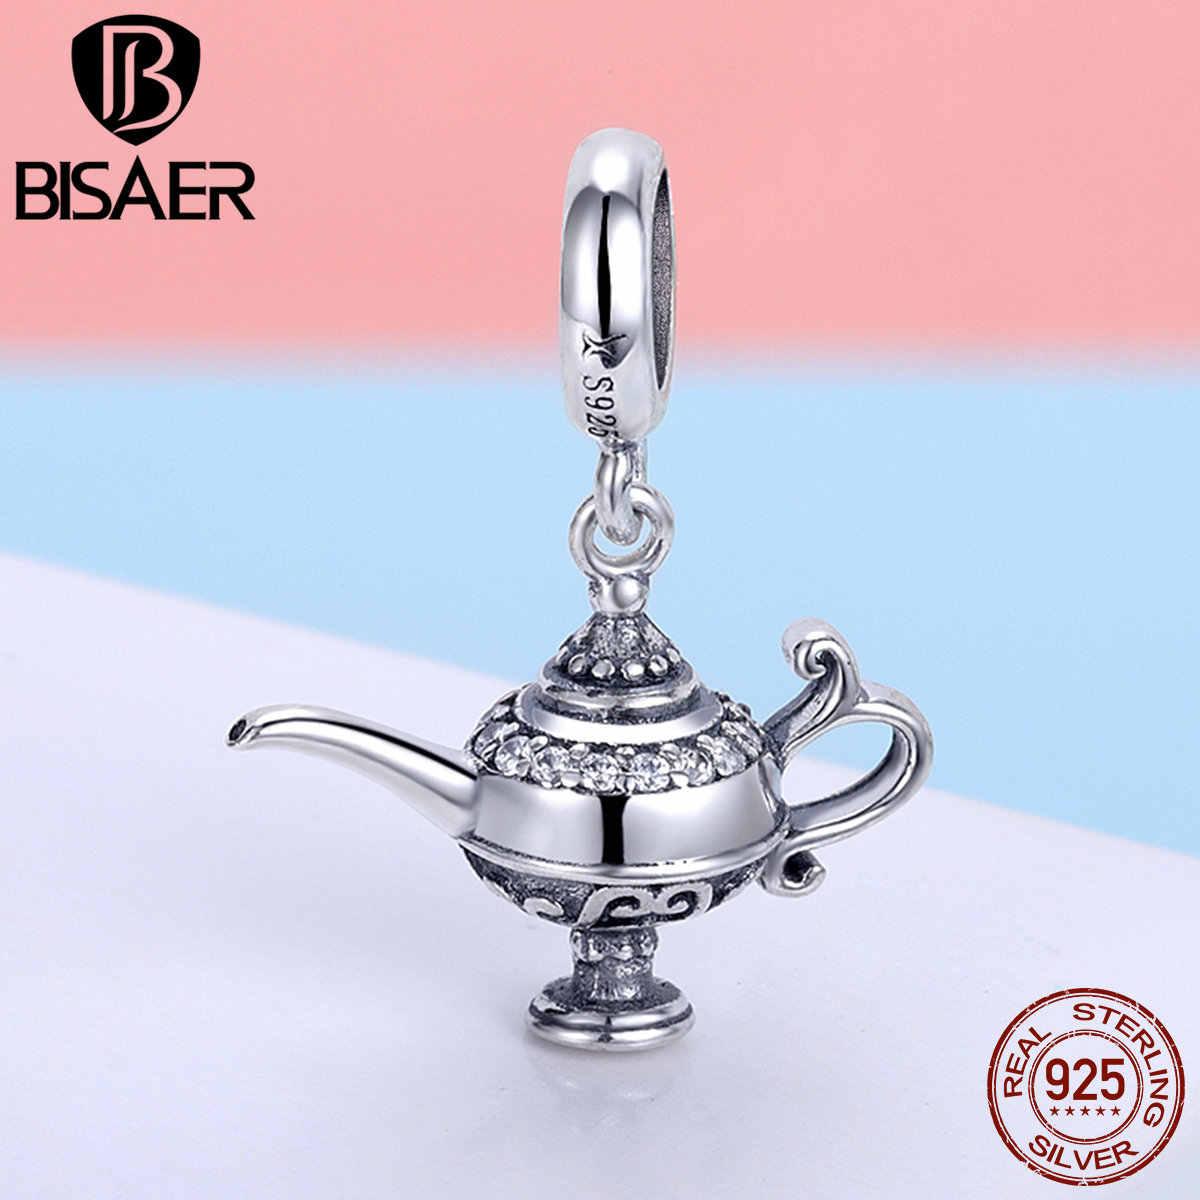 Лидер продаж 925 пробы серебро Волшебная Лампа Аладдина чашка чайник фляга Серебряный Шарм Бусины Подходят Браслет bisaer серебро 925 ювелирные изделия